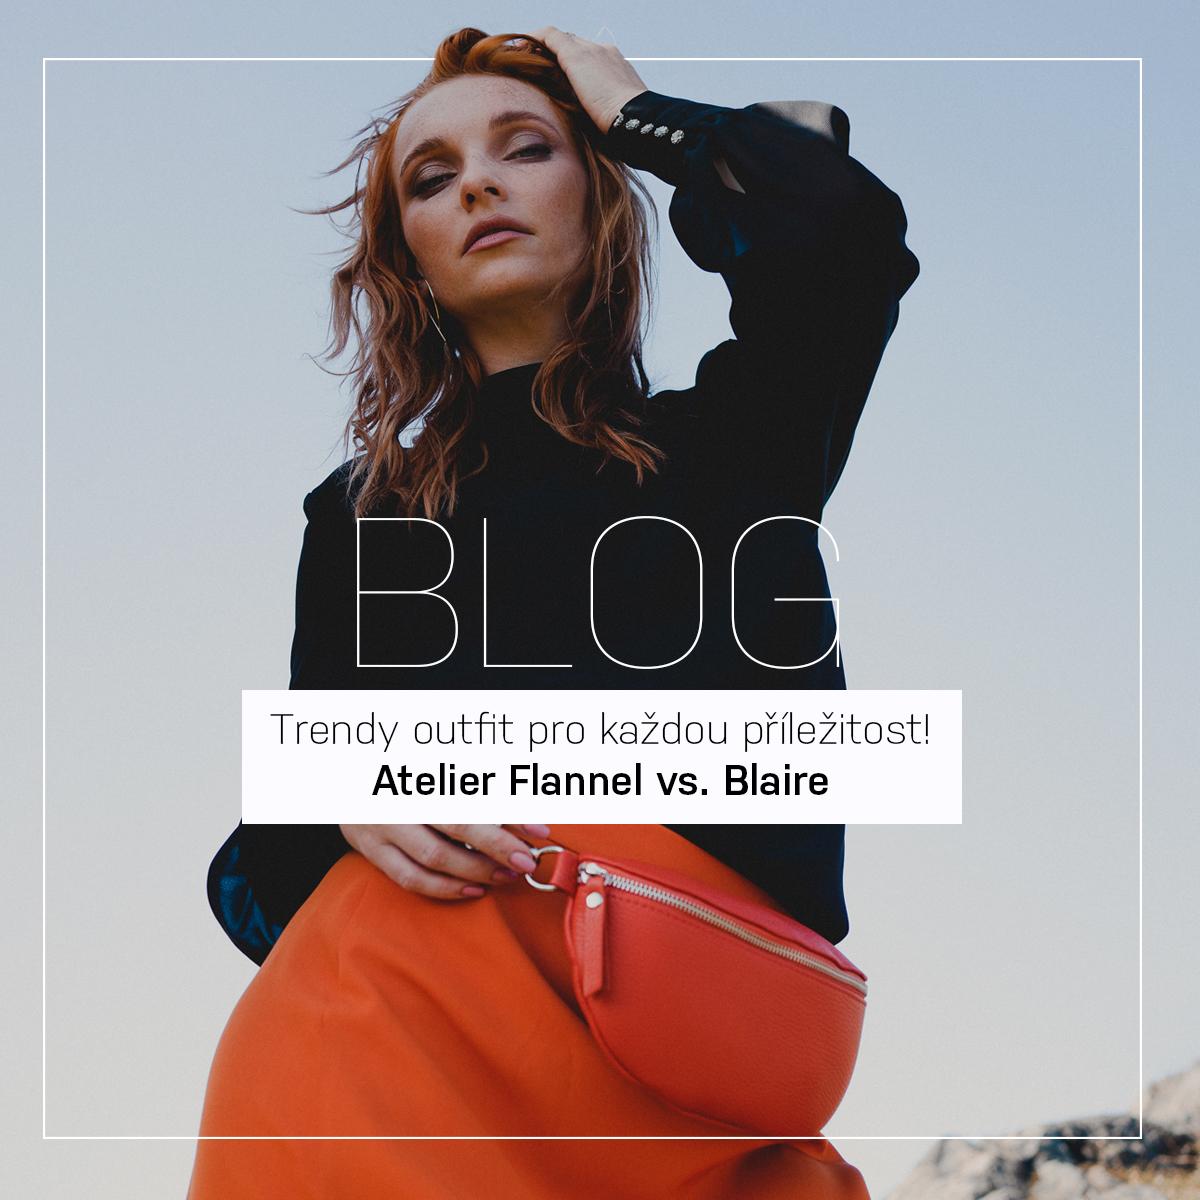 Trendy outfit pro každou příležitost! | Atelier Flannel vs. Blaire